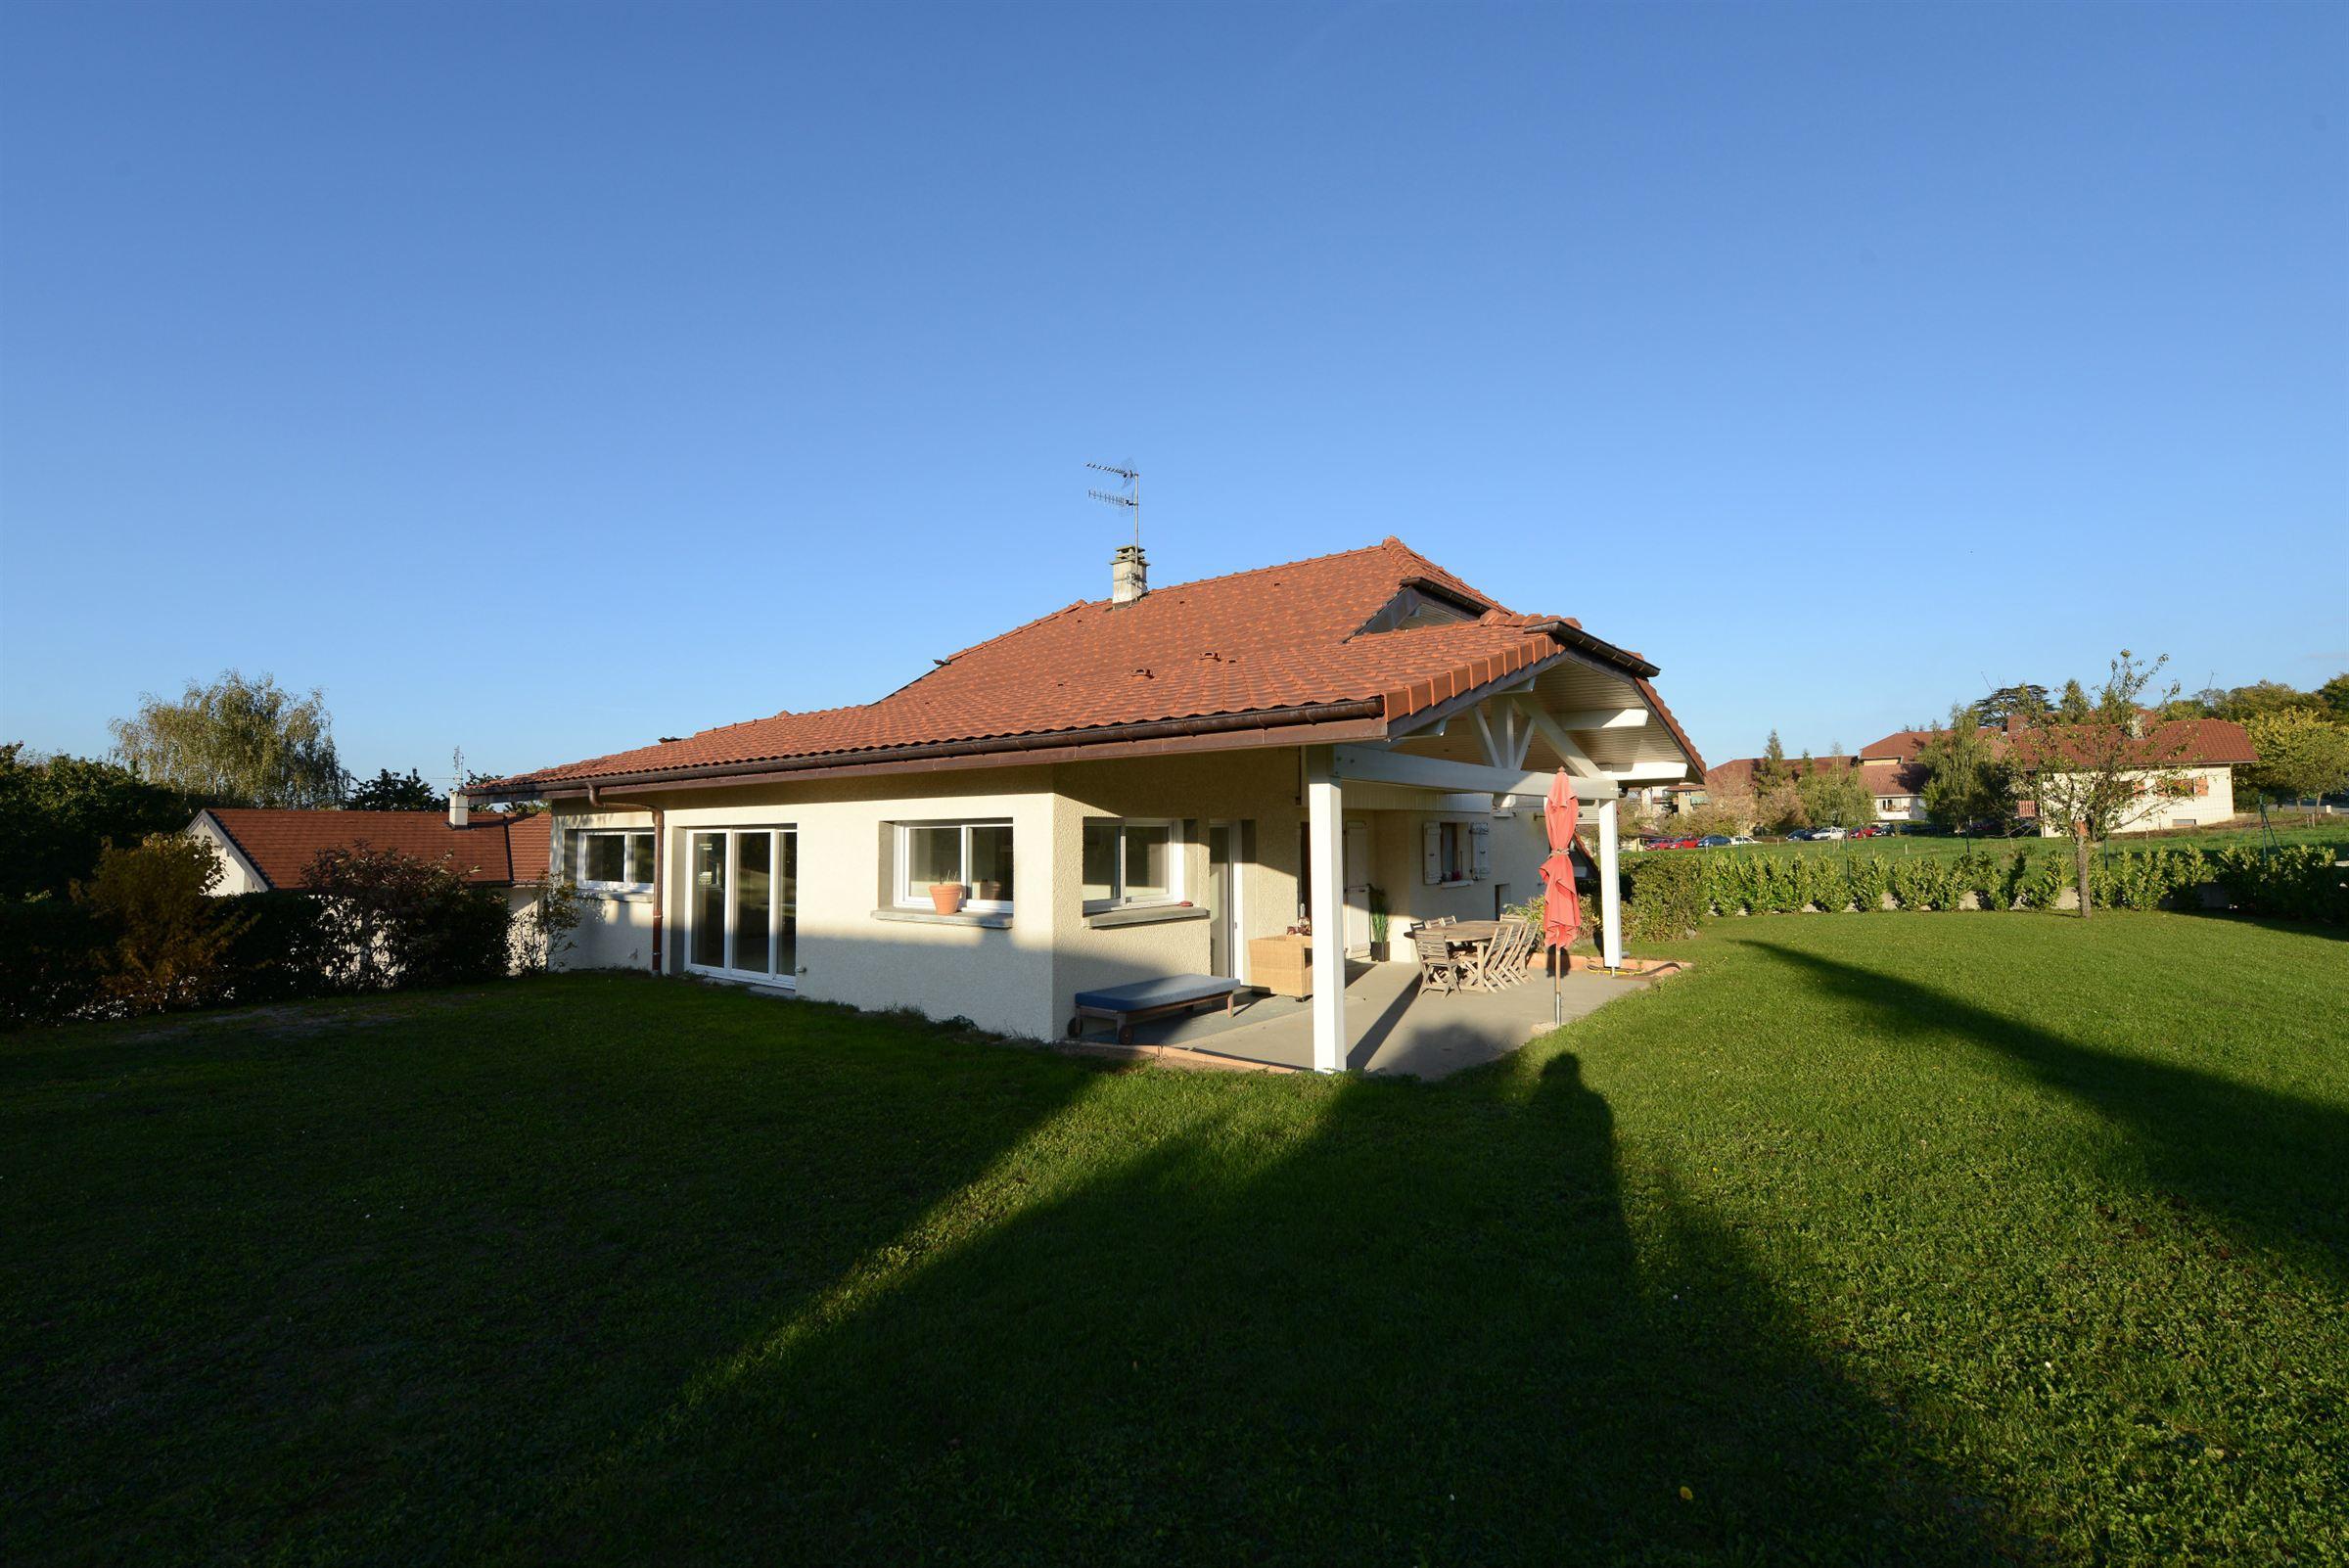 Single Family Home for Sale at Publier, Belle villa Publier, Rhone-Alpes 74500 France